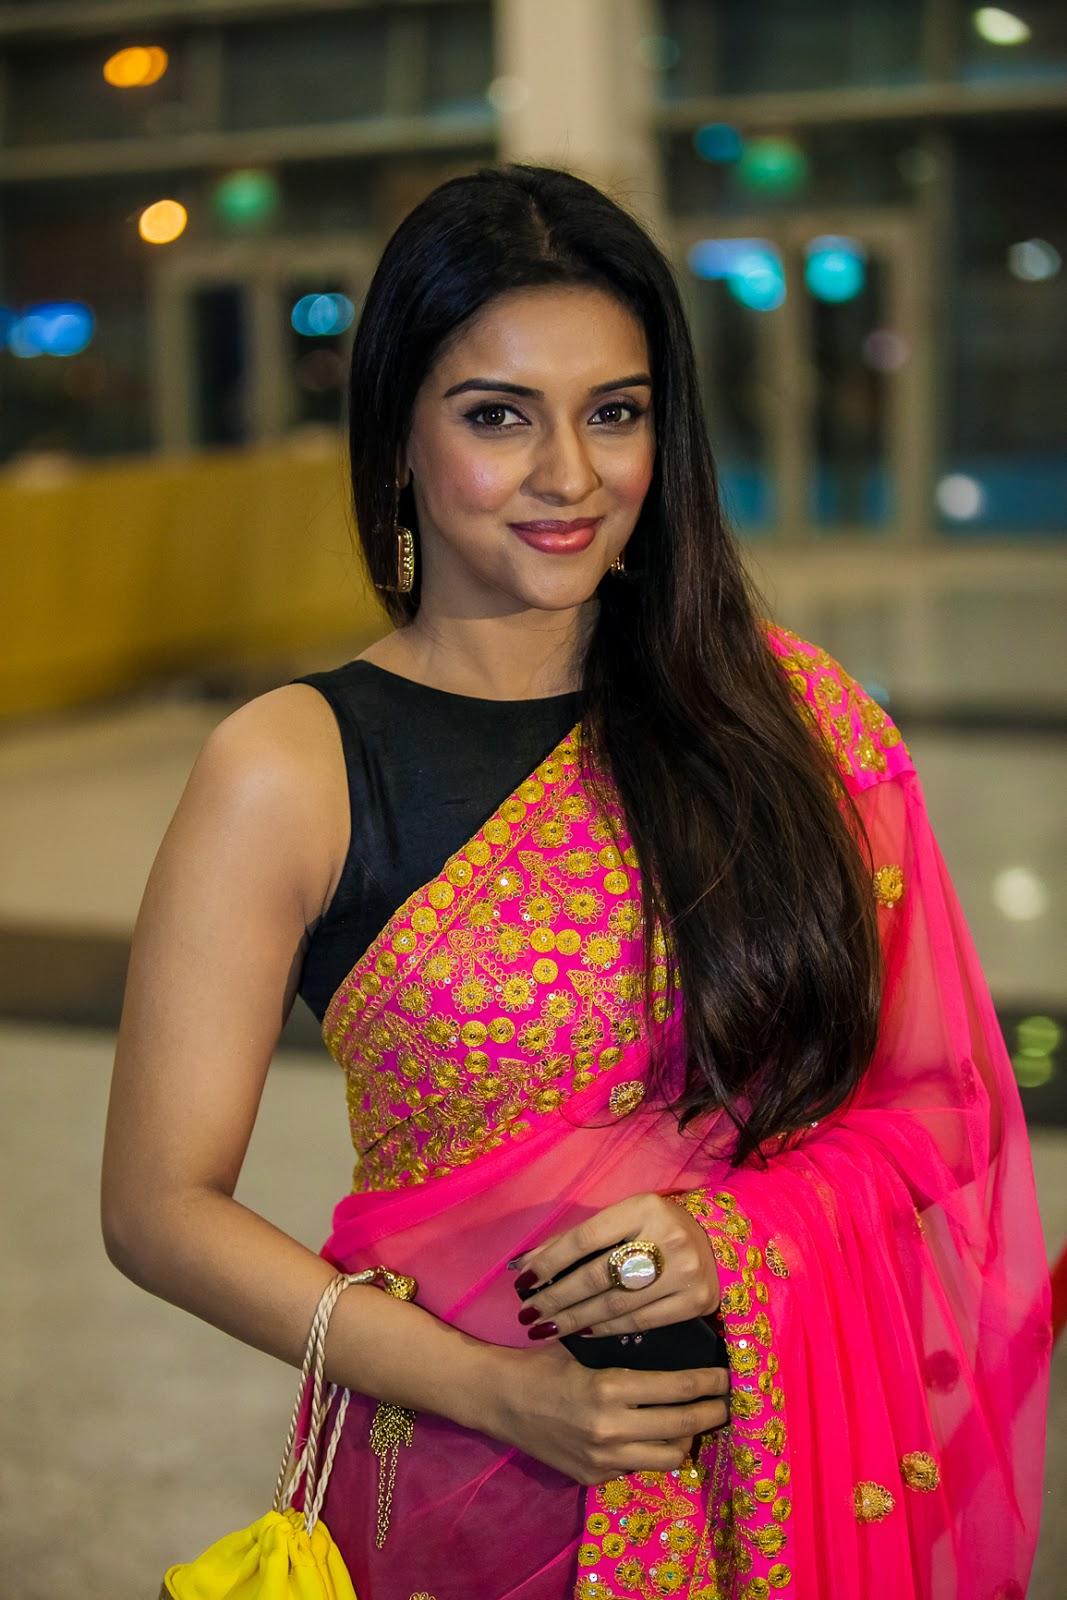 ... Asin in pink saree and black sleeveless blouse at SIIMA Awards 2013